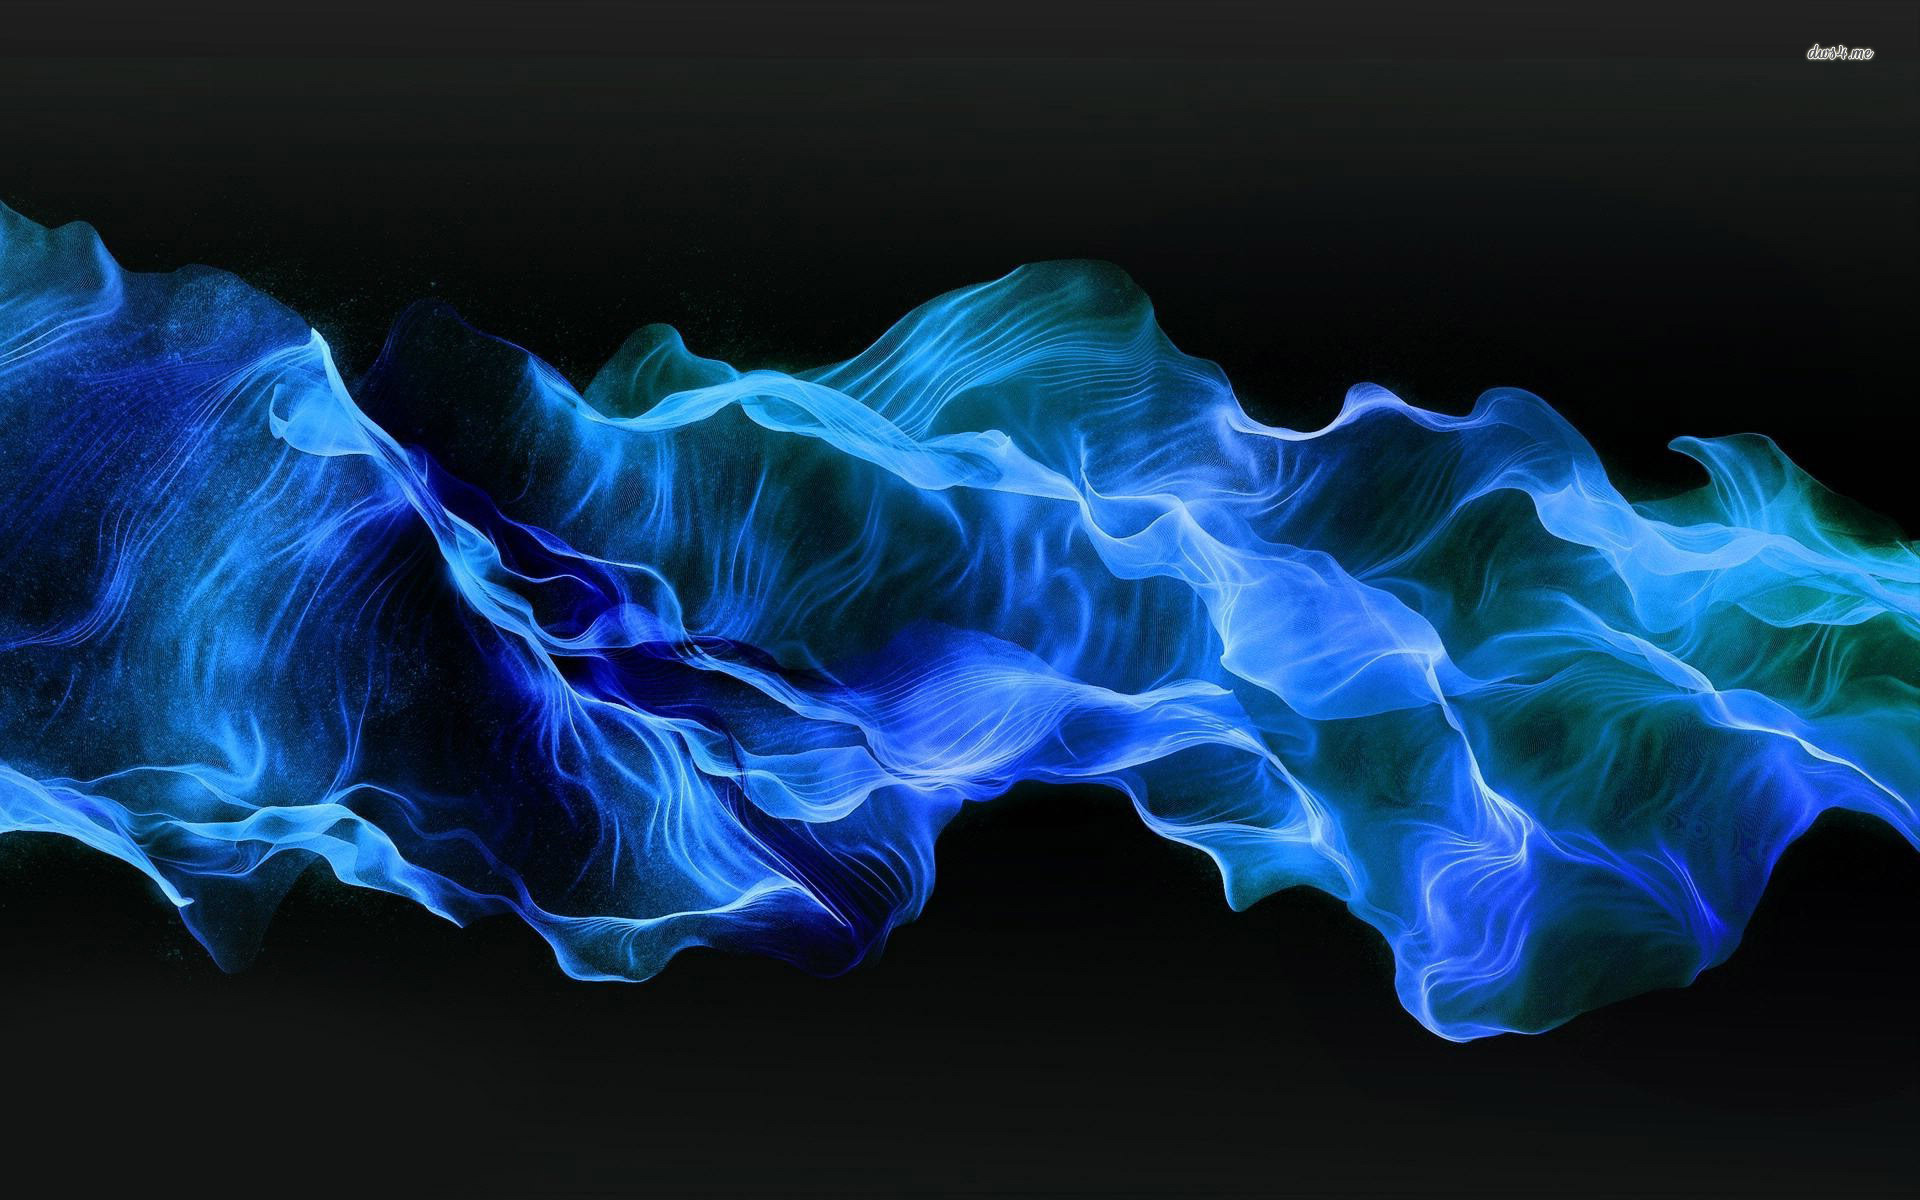 Blue Smoke Wallpaper Wallpaper